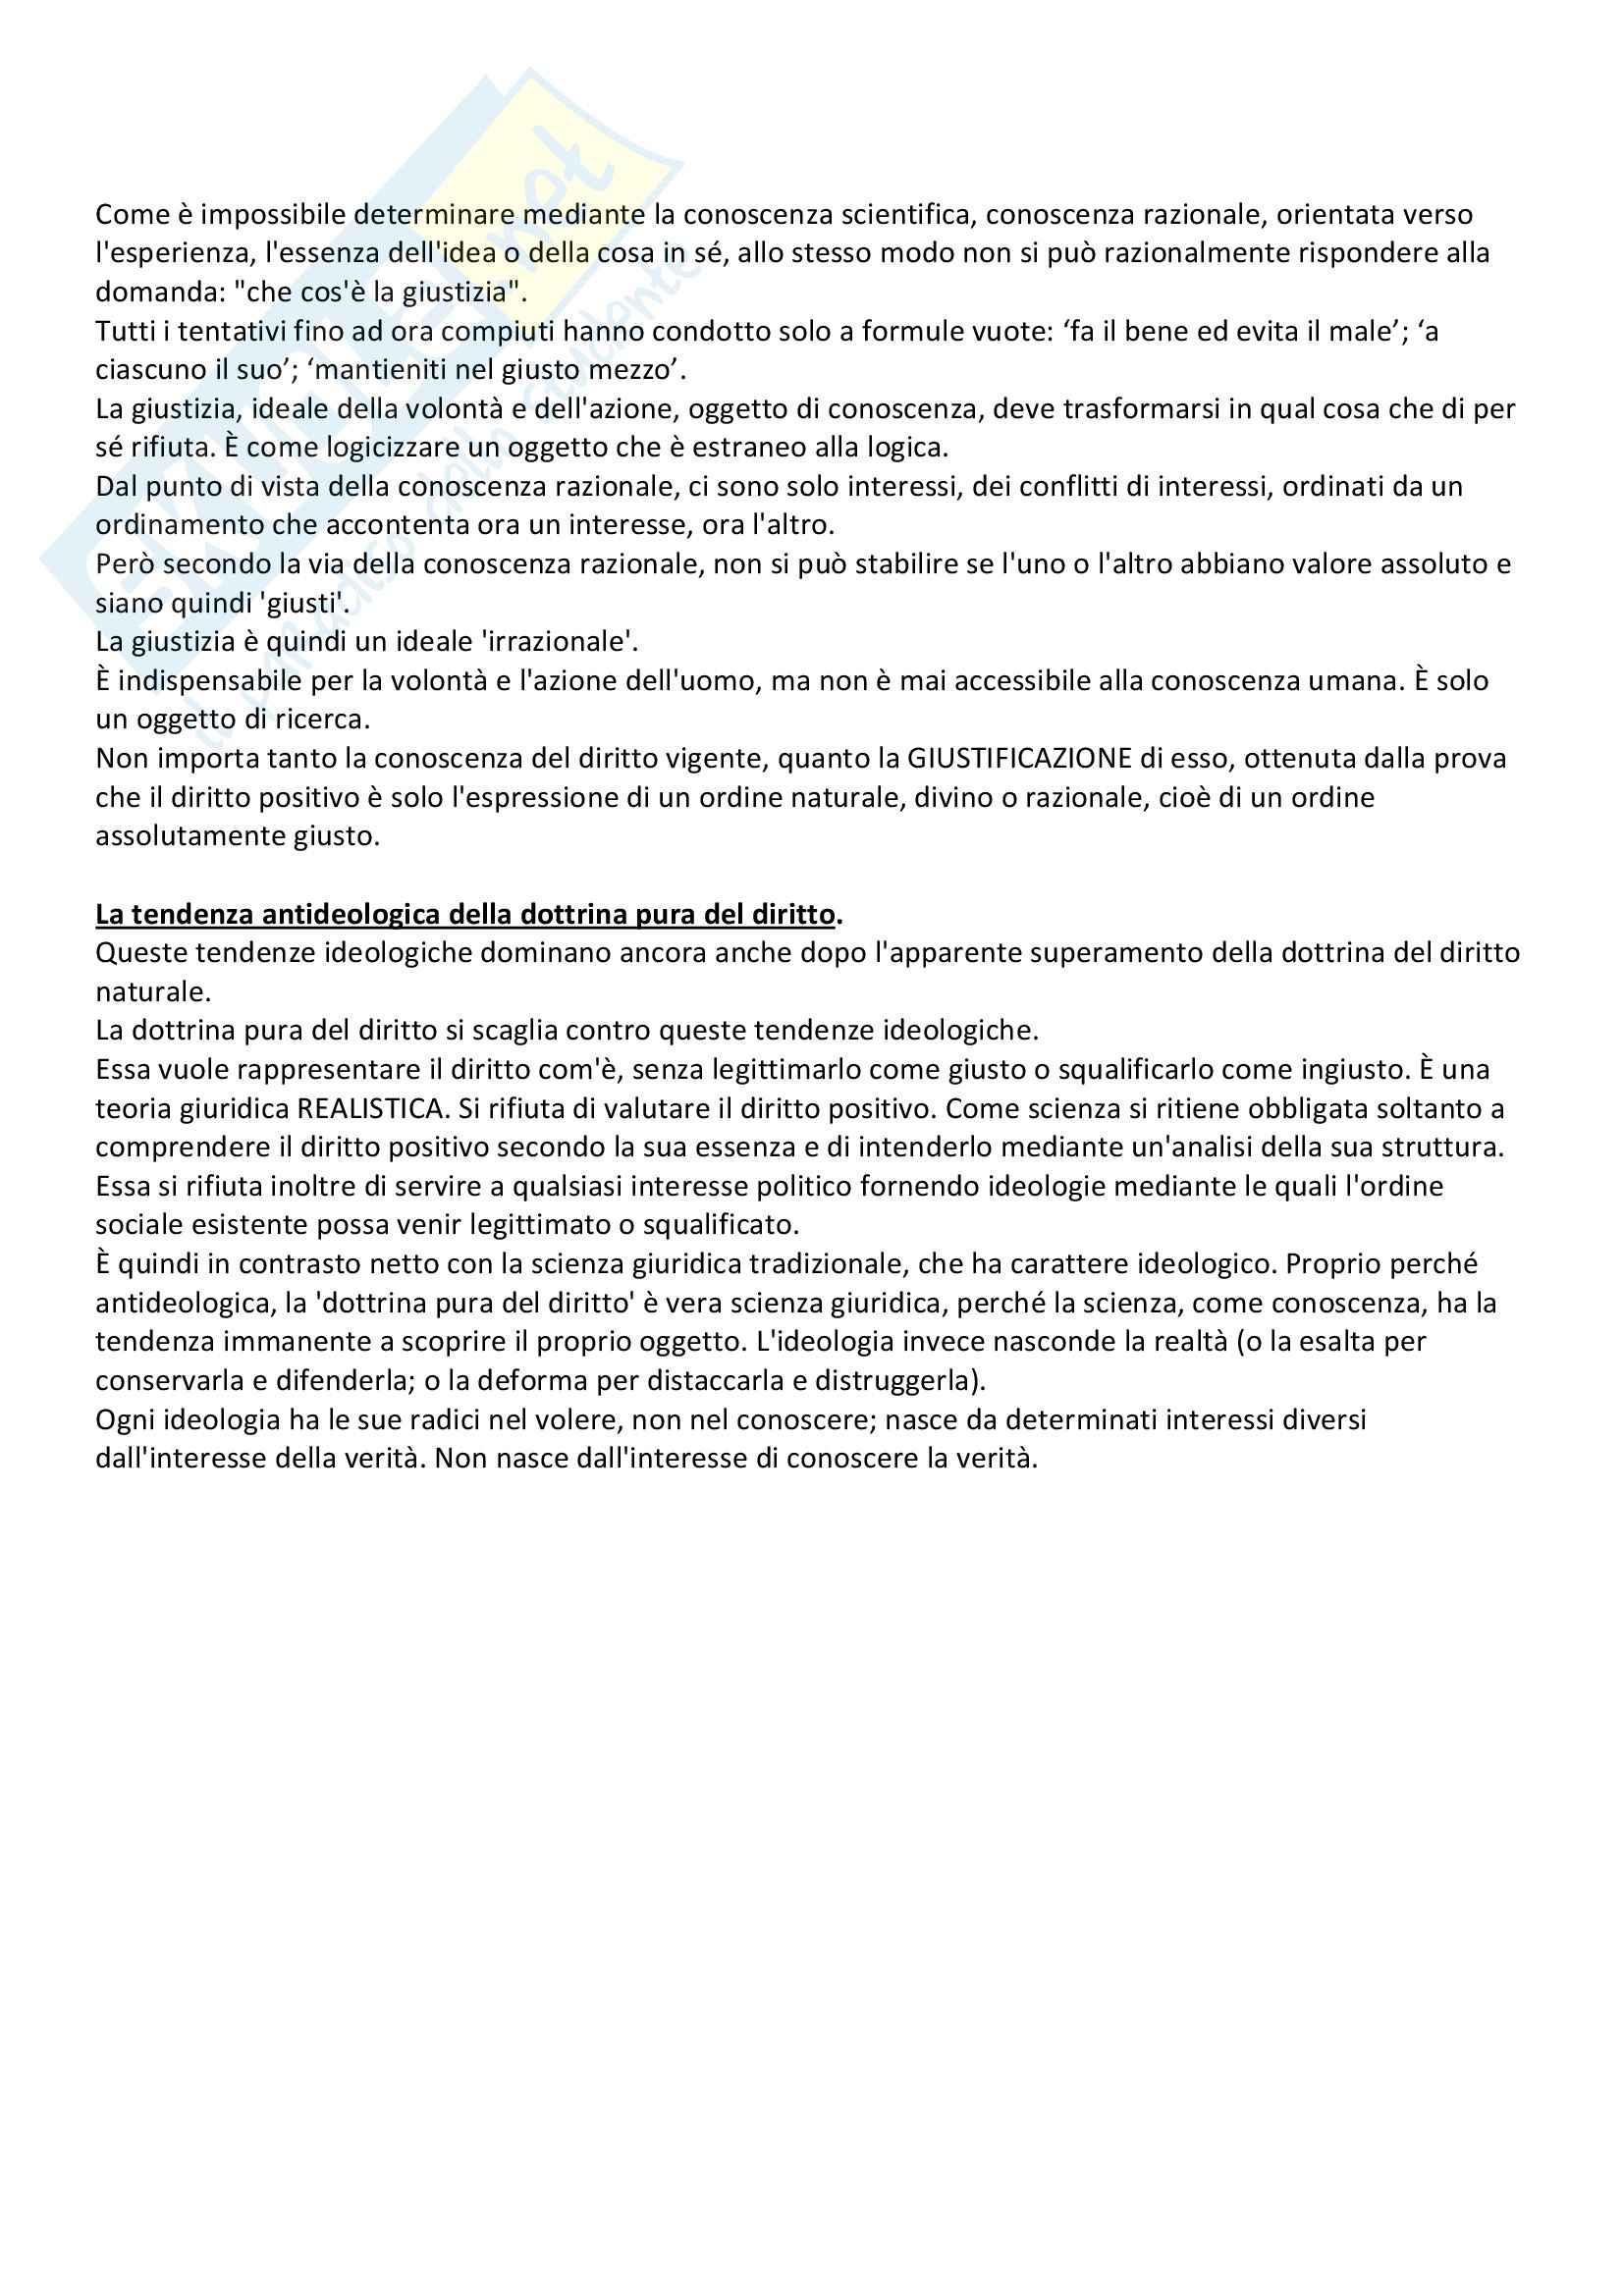 Lineamenti di dottrina pura del diritto, Kelsen - Appunti Pag. 6